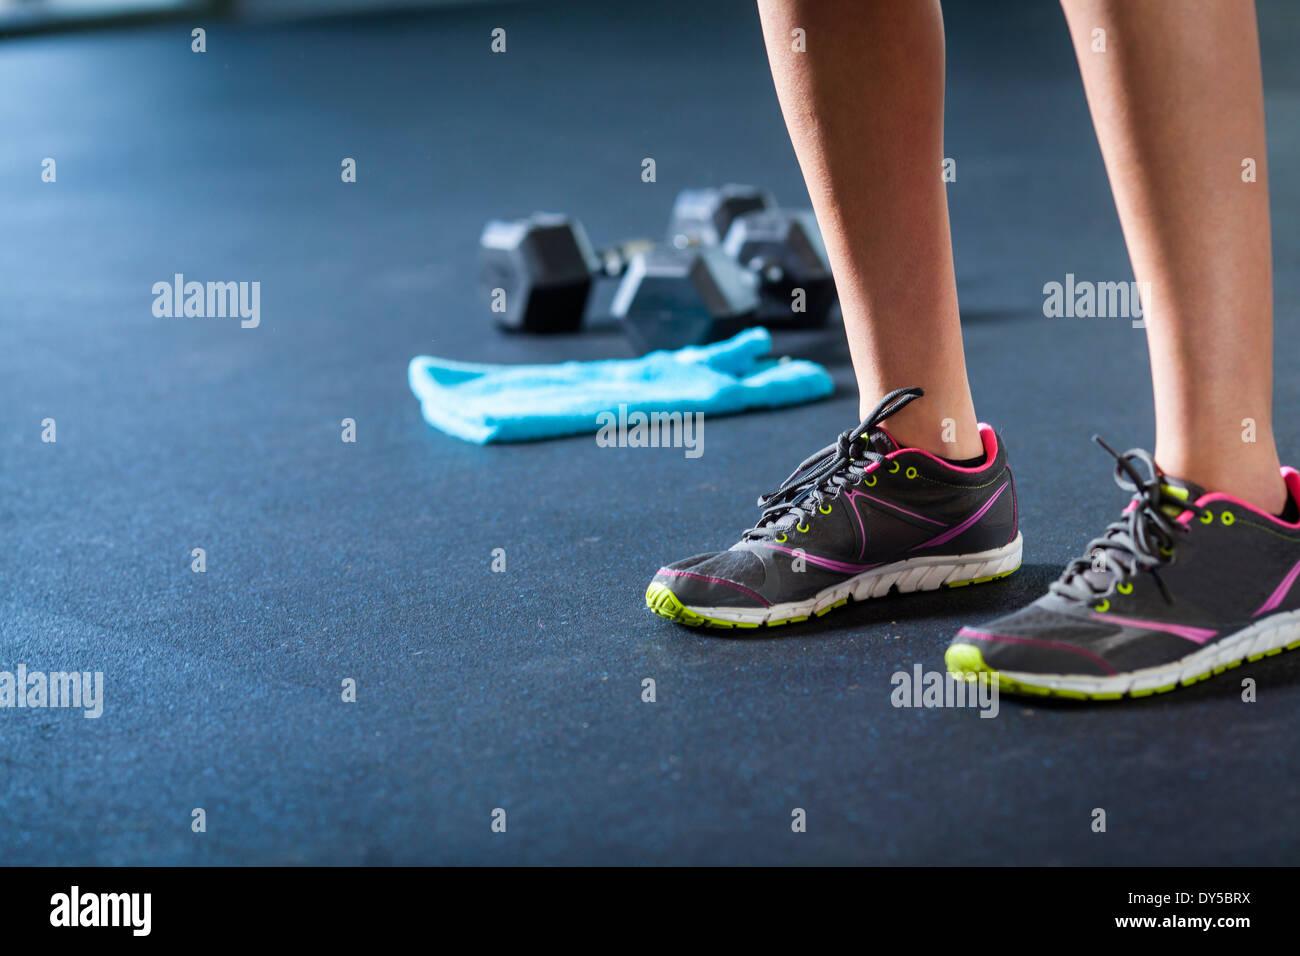 Des chaussures de sport, poids, serviette Photo Stock